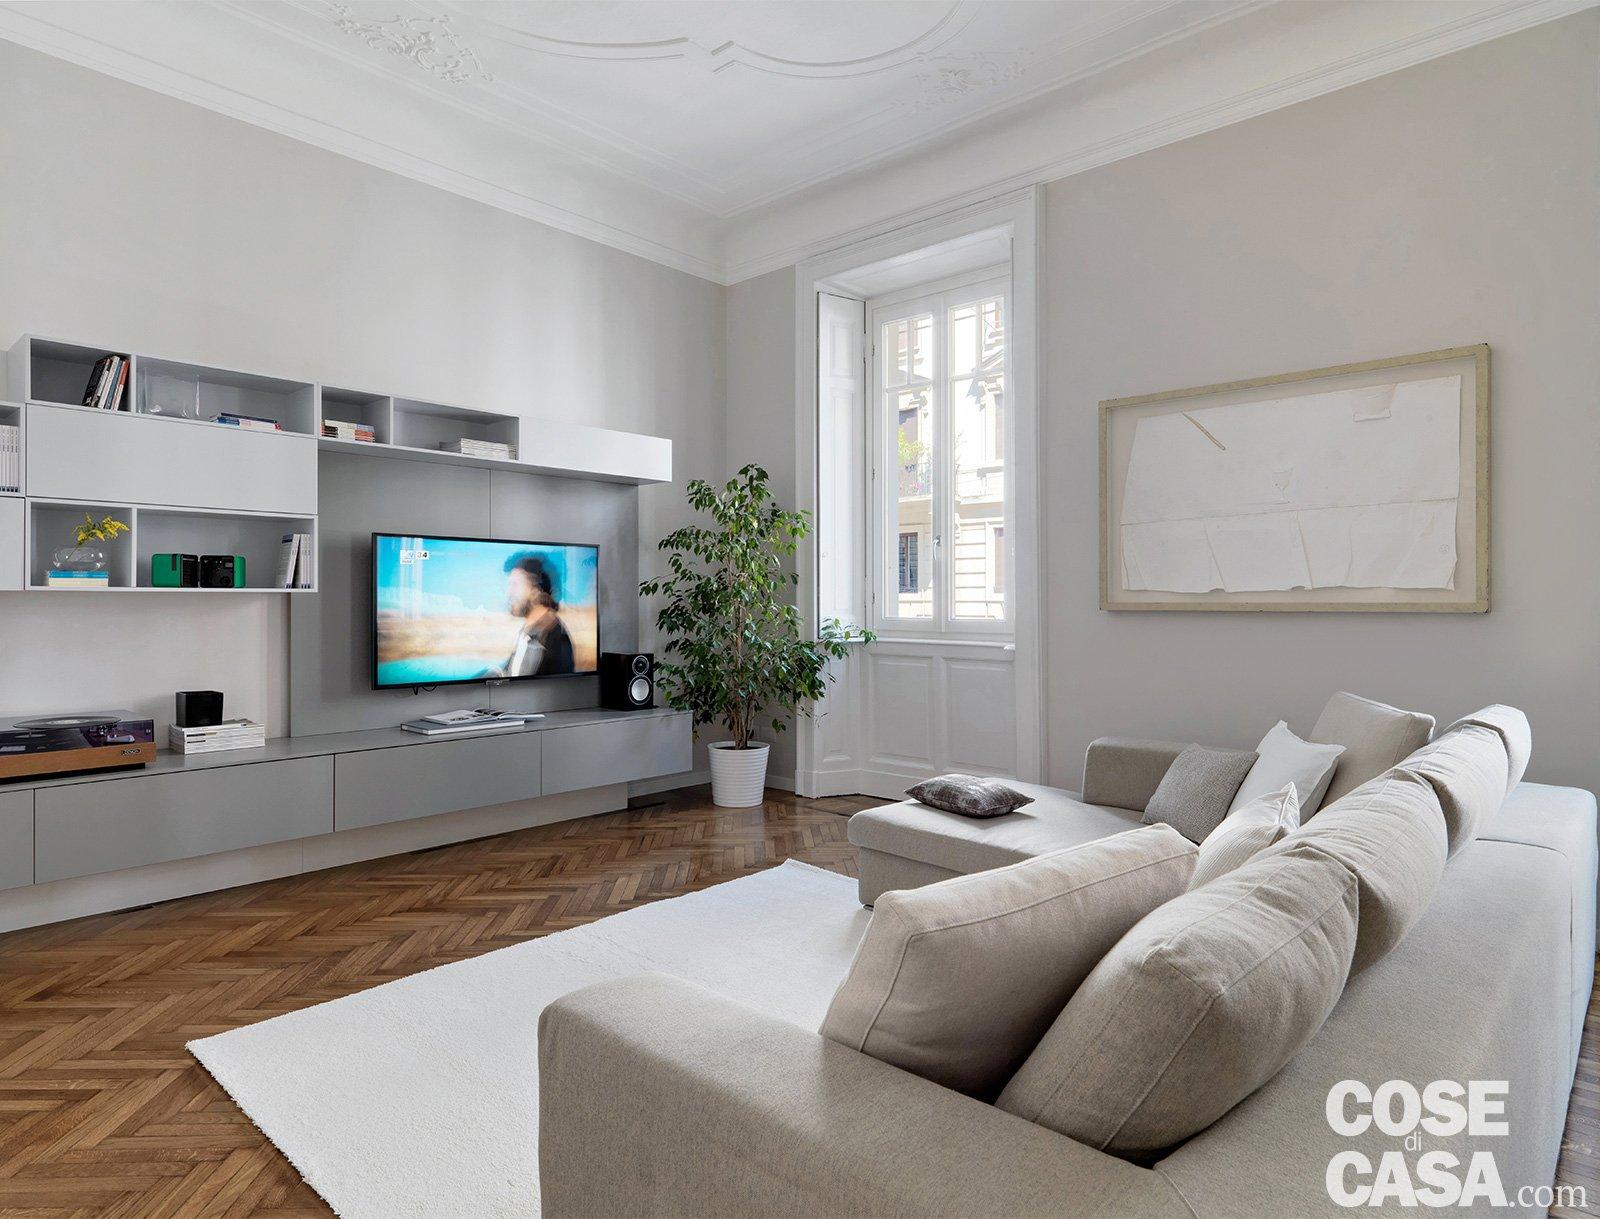 140 mq una casa con pavimenti originari in parquet e